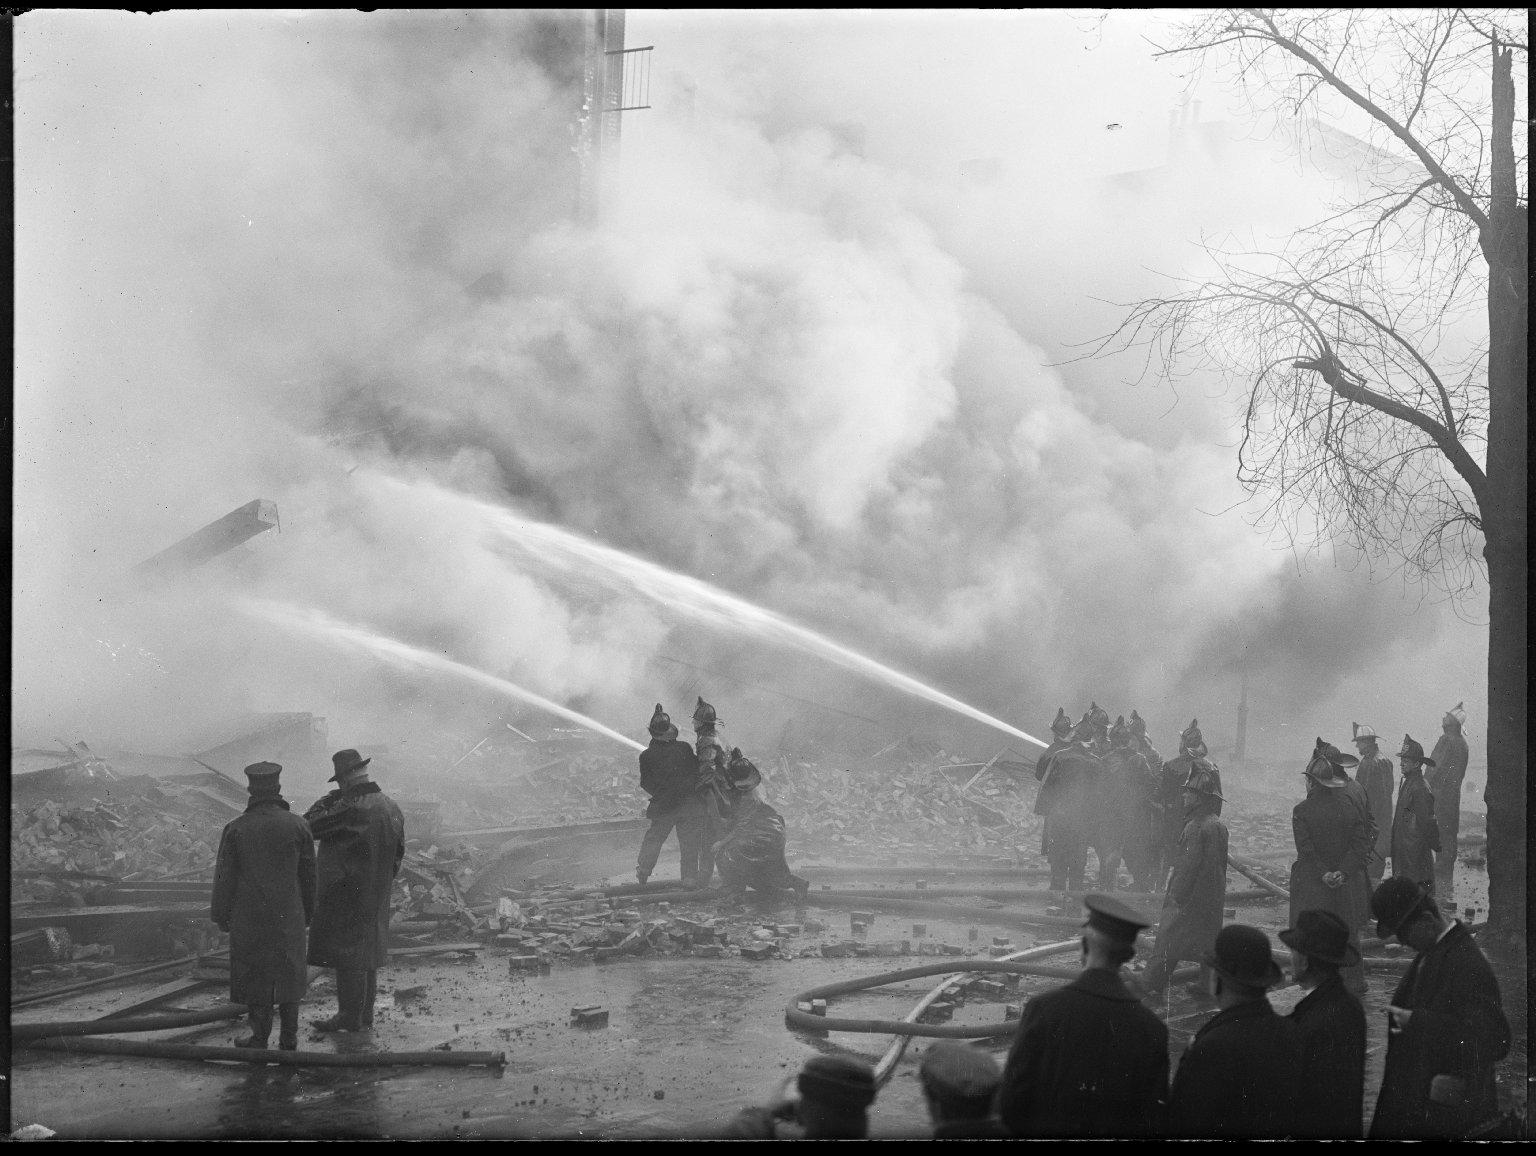 Тушение пожара в Бруклине, Нью-Йорк, США. Начало 20 века